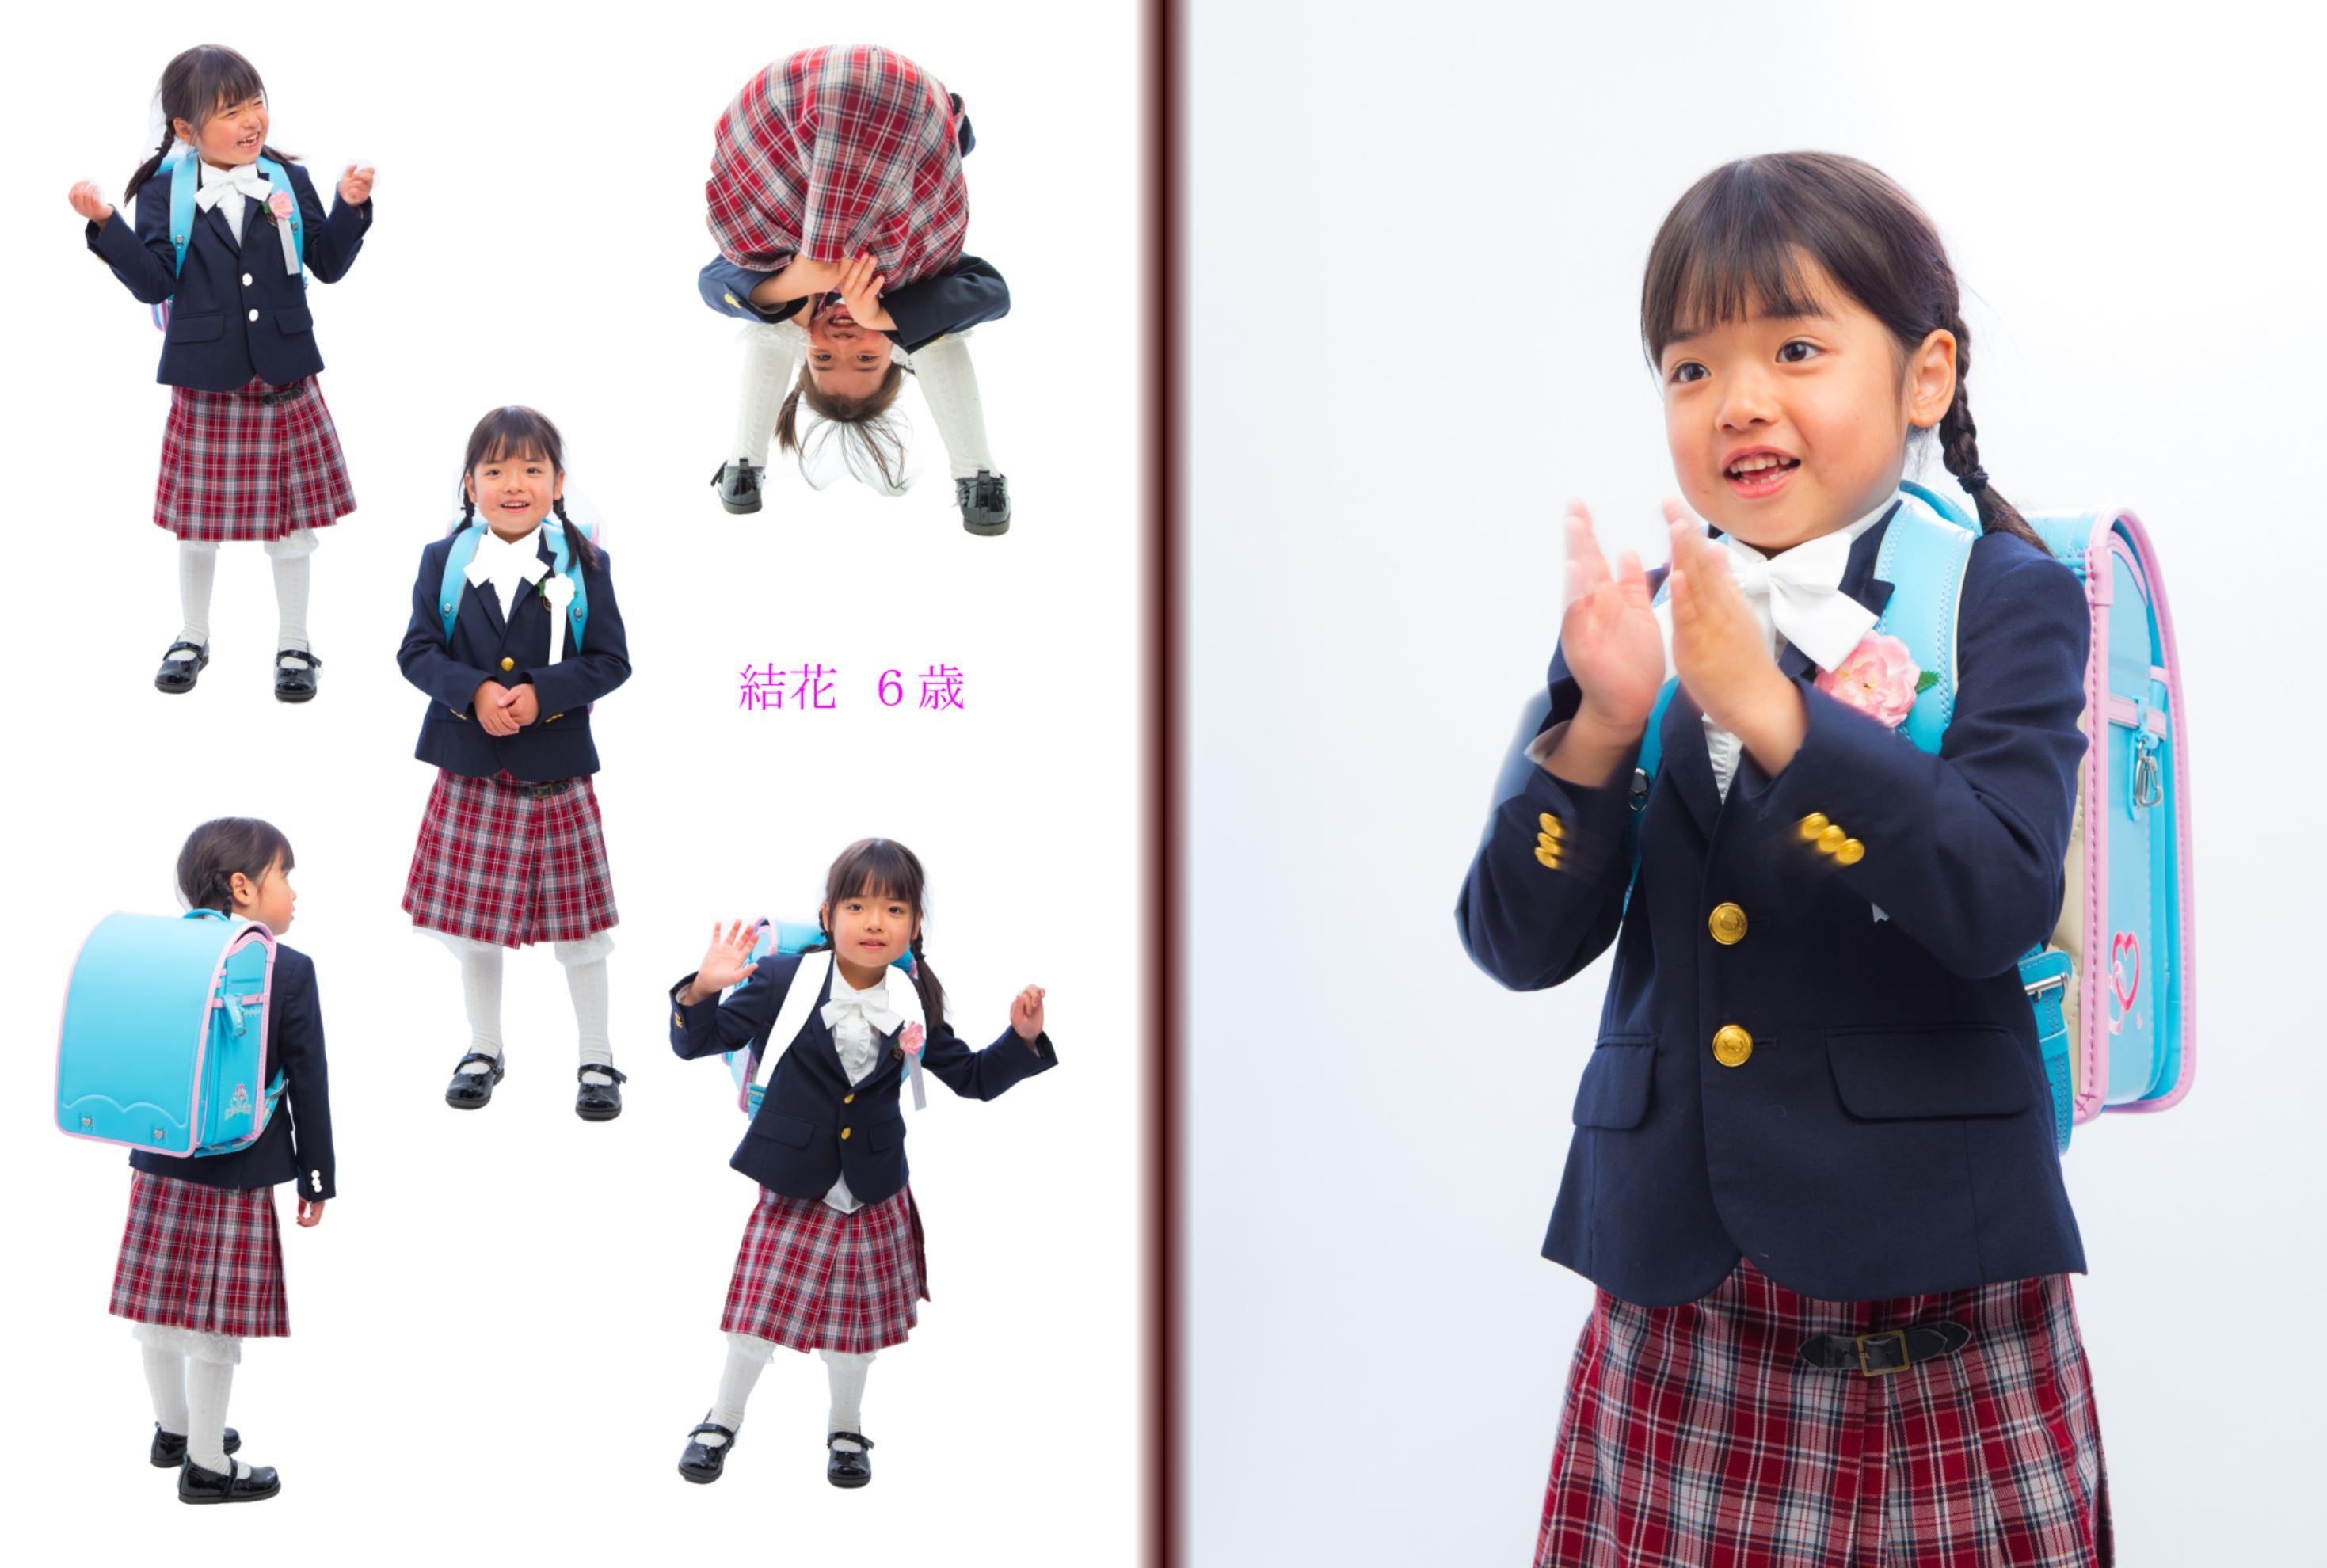 小学1年生の入学記念写真